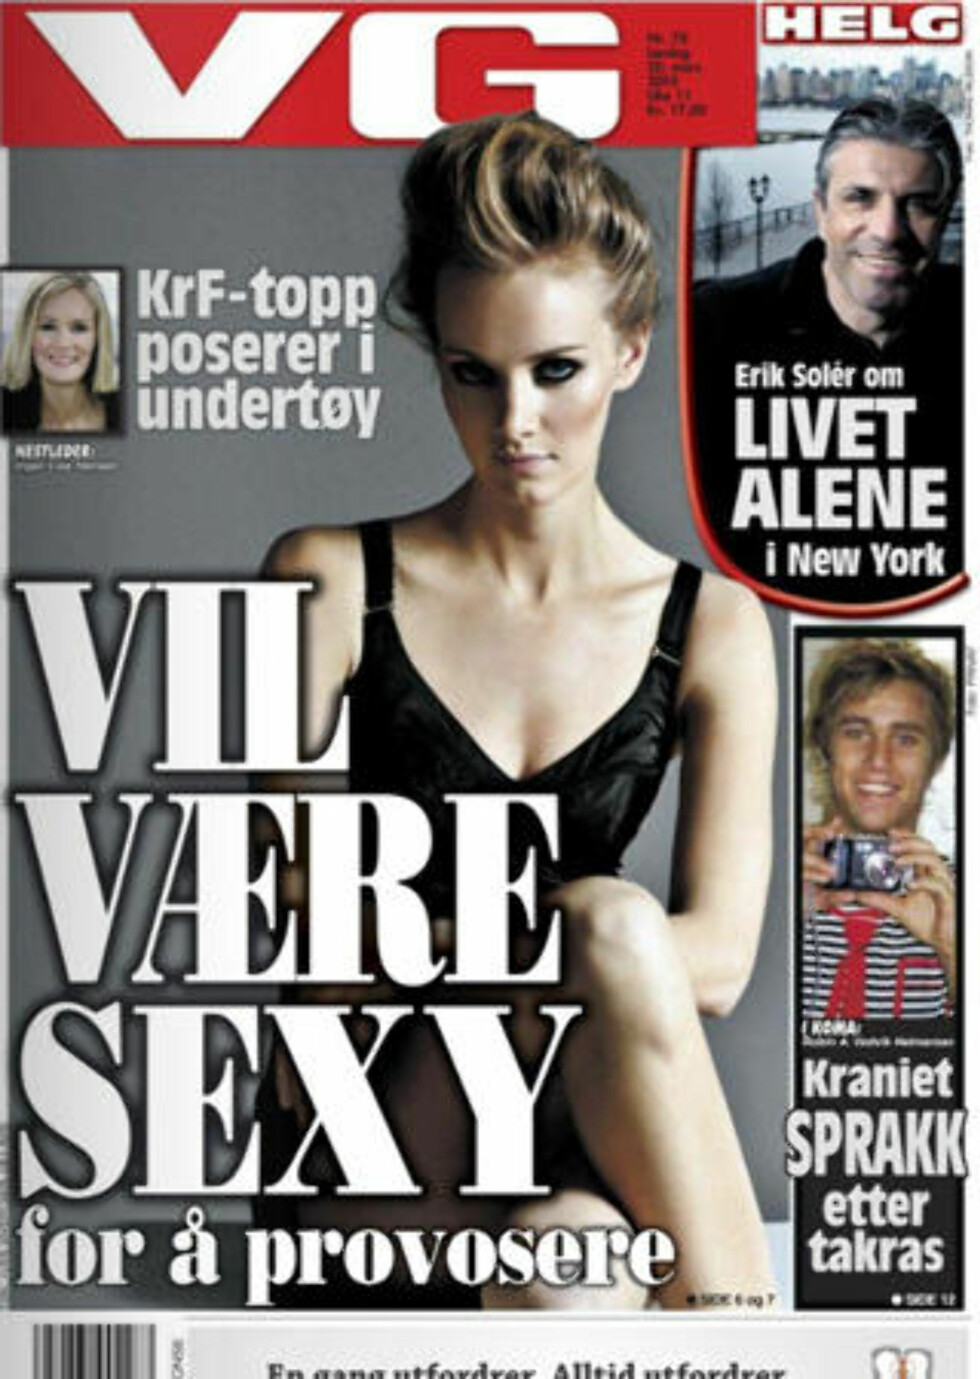 UNDERTØY?: Inger Lise Hansen synes det er feil å skrive at hun poserer i undertøy. Foto: Faksimile av dagens VG